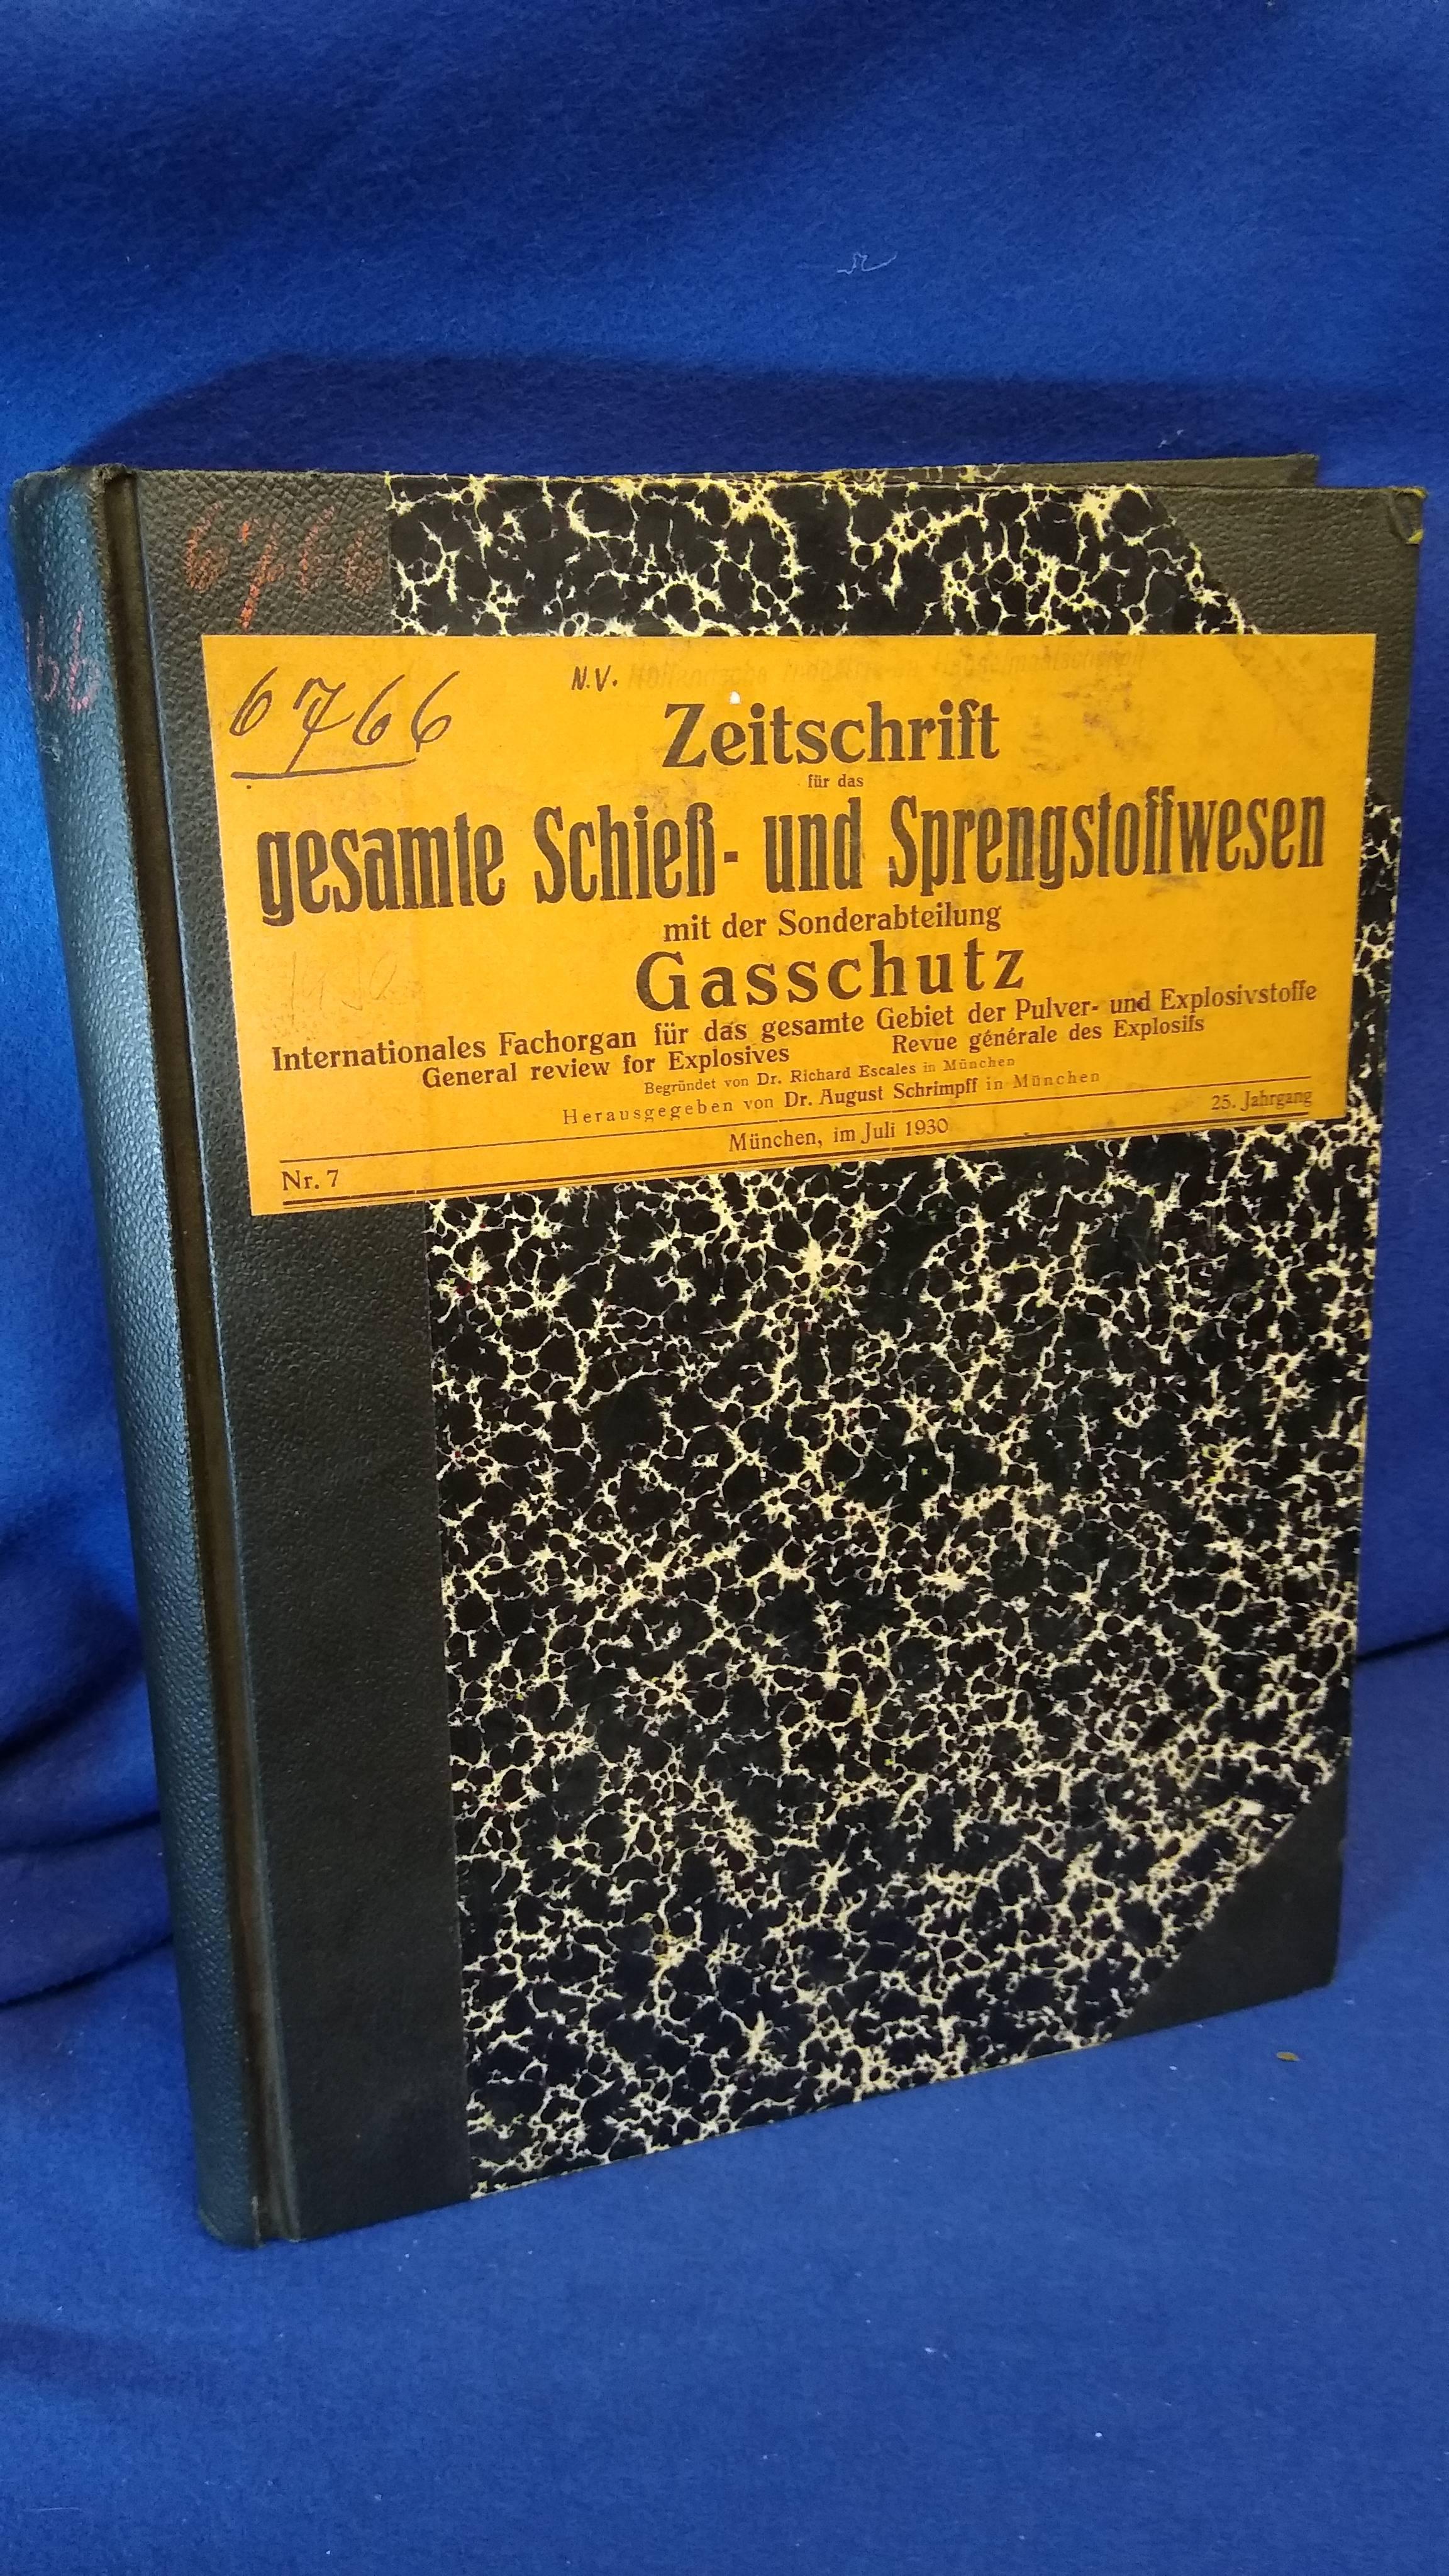 Zeitschrift für das gesamte Schieß- und Sprengstoffwesen mit der Sonderabteilung Gasschutz. Kompletter Jahrgang XXV/ 1930. Selten!